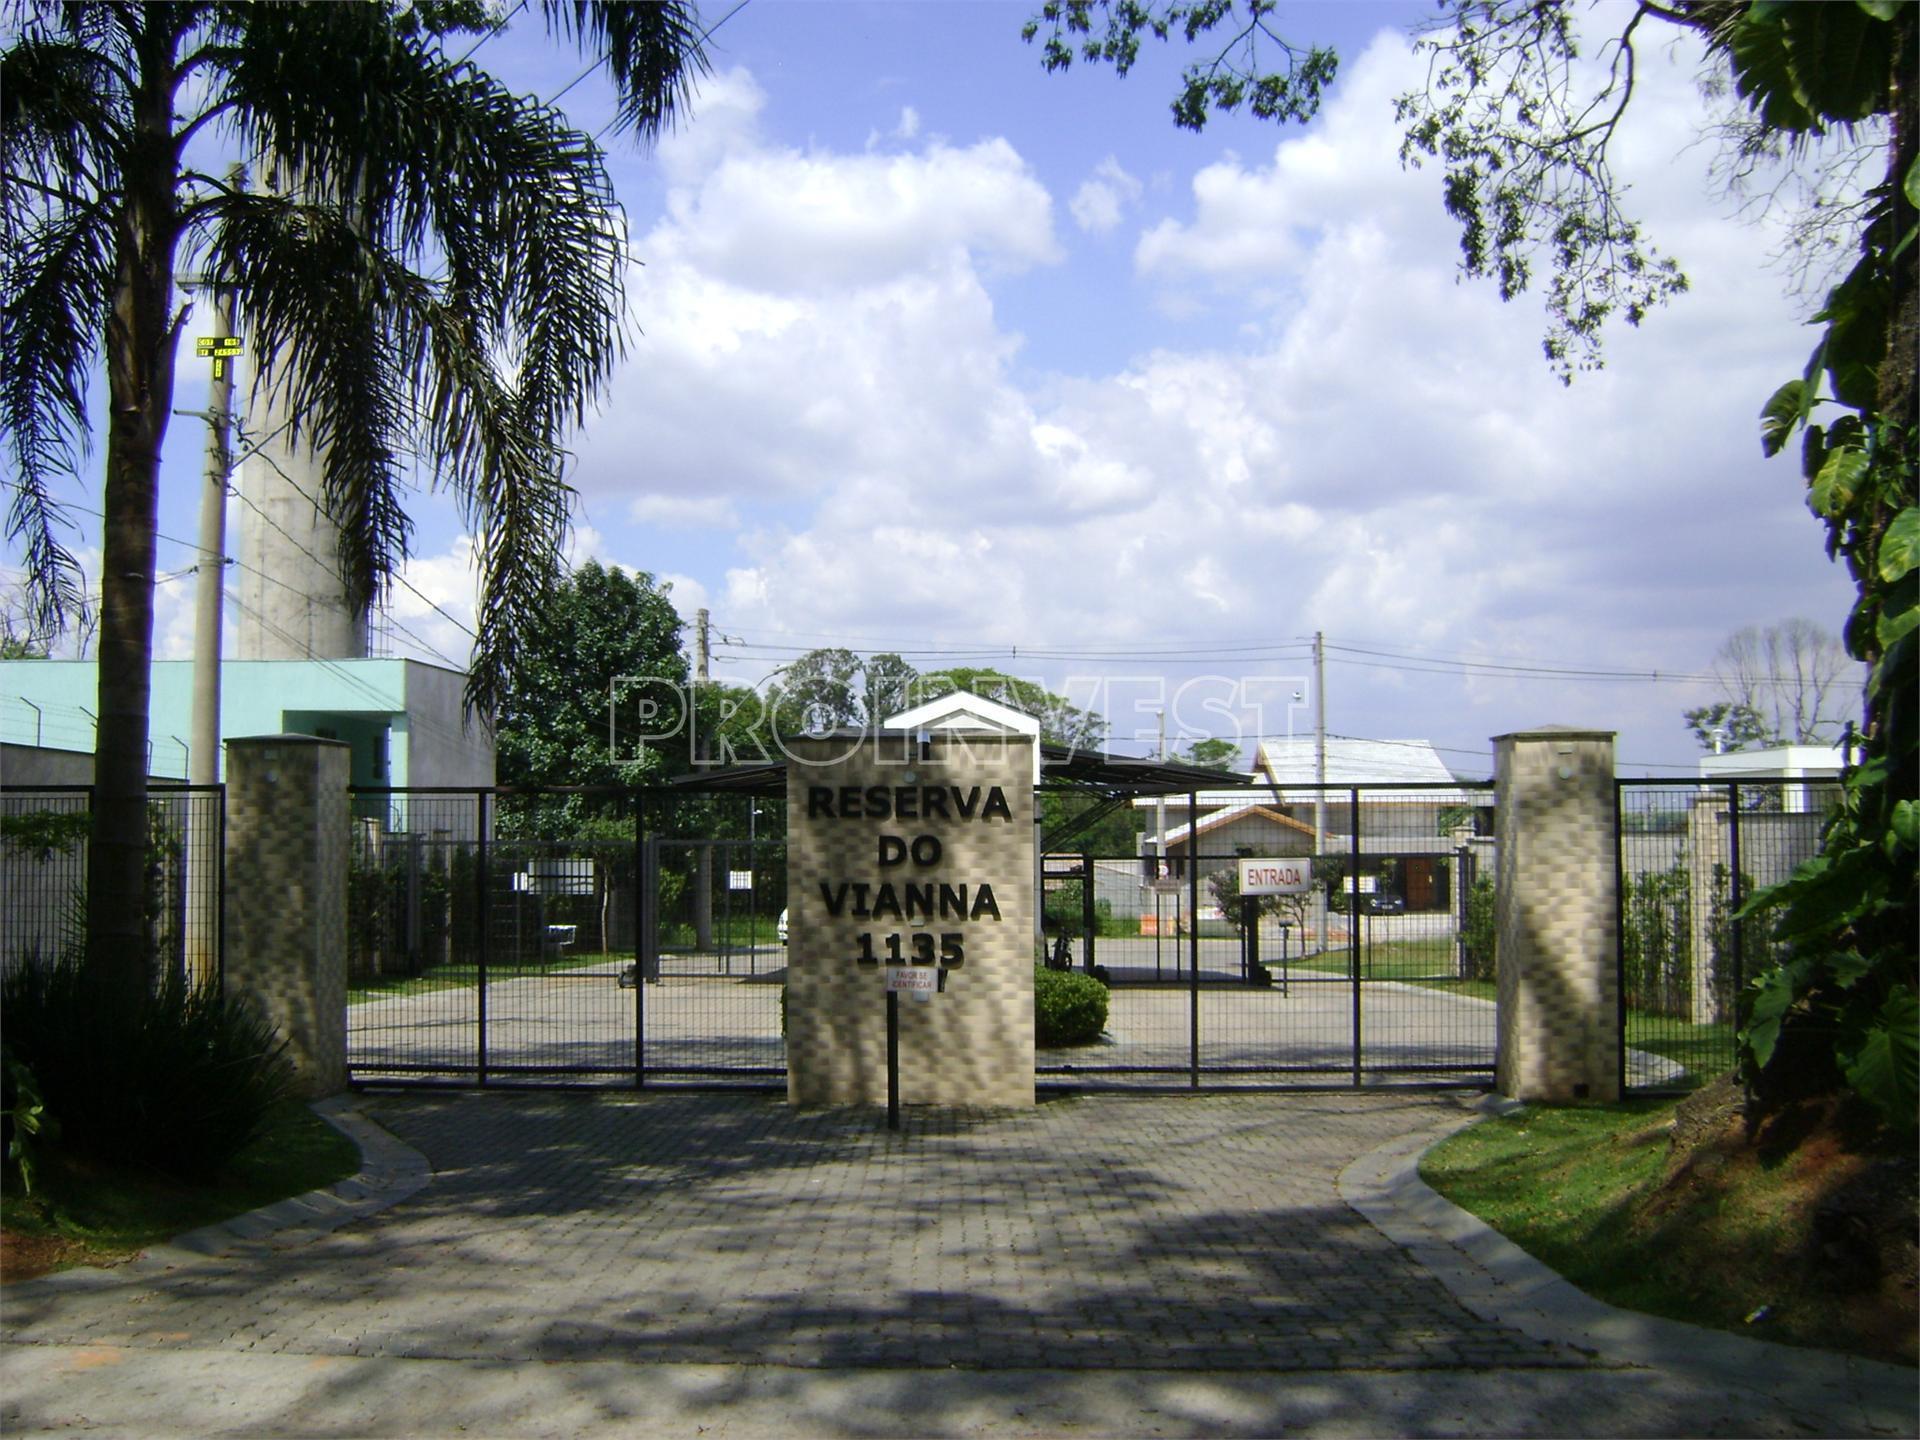 Terreno em Reserva Do Vianna, Cotia - SP